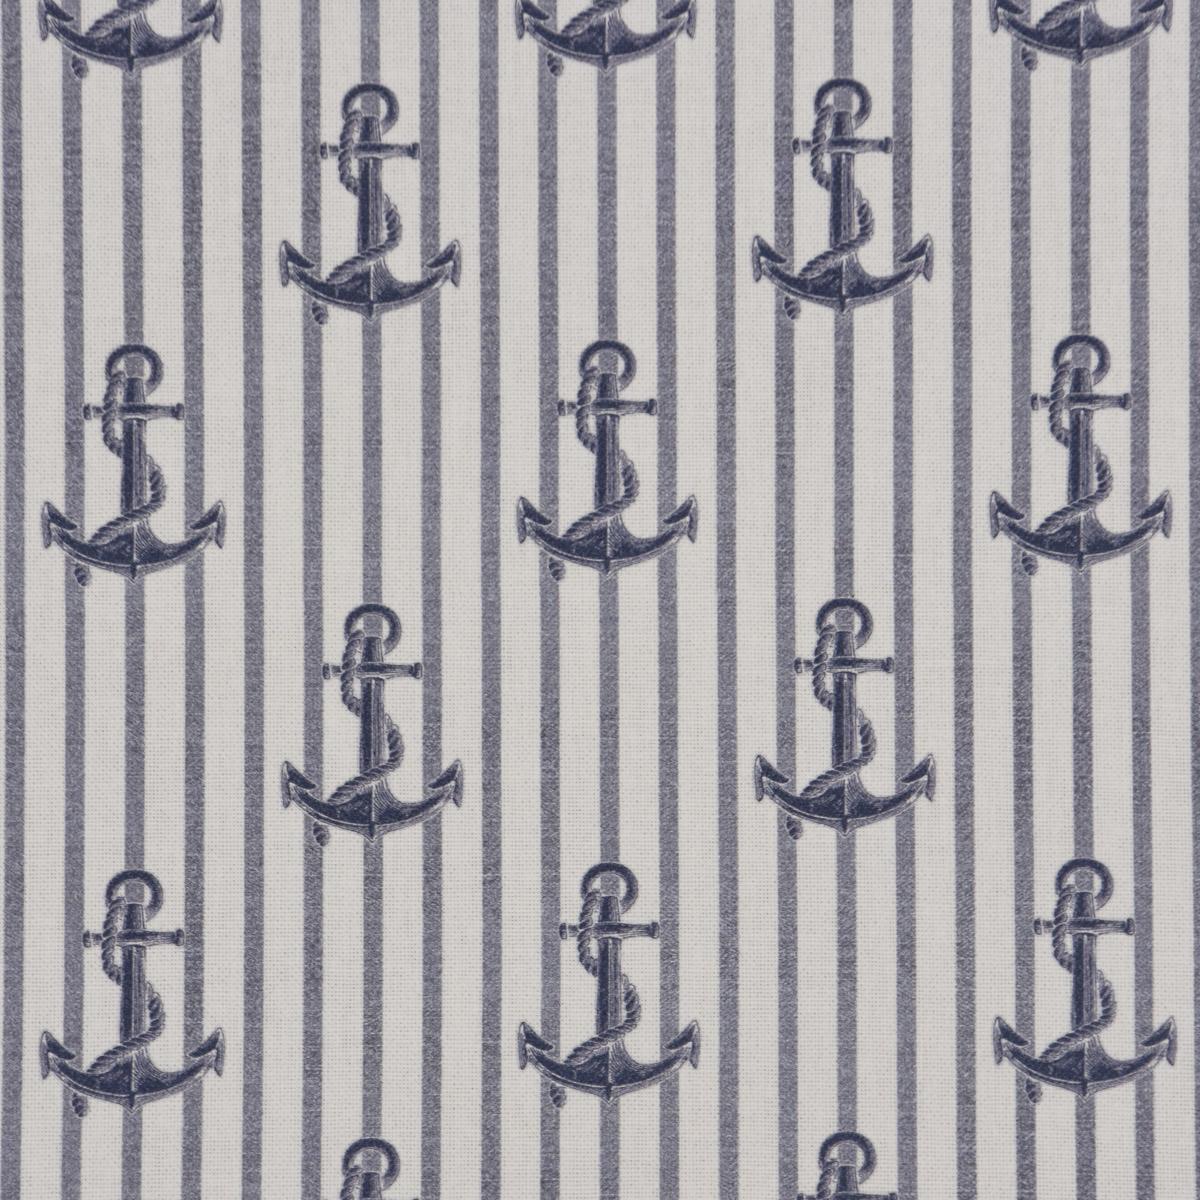 Tischläufer Halbpanama Maritim Anker Streifen weiß blau 40x160cm SCHÖNER LEBEN